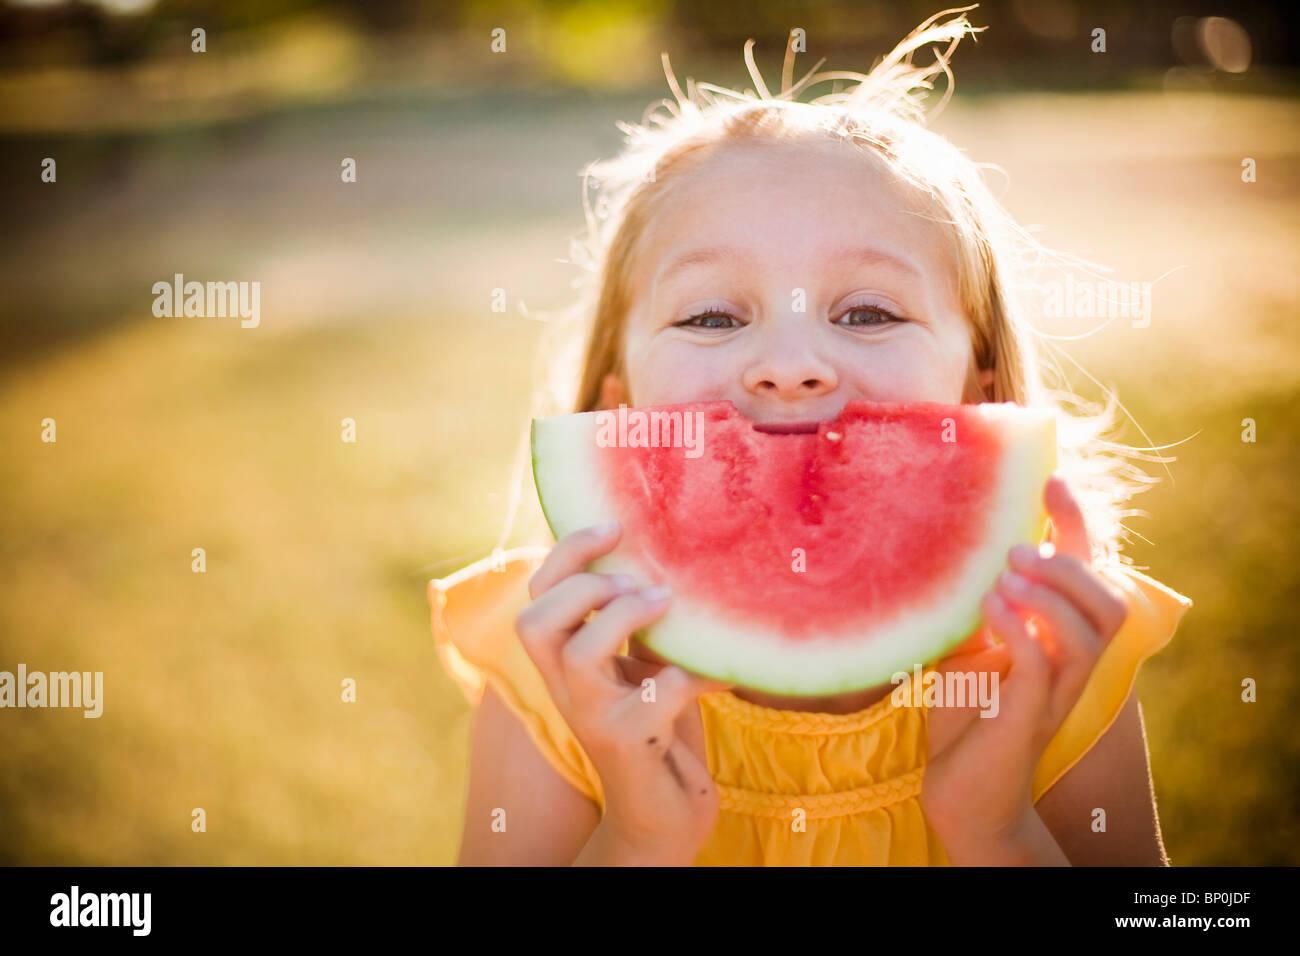 Niña hacer sonreír con sandía Imagen De Stock